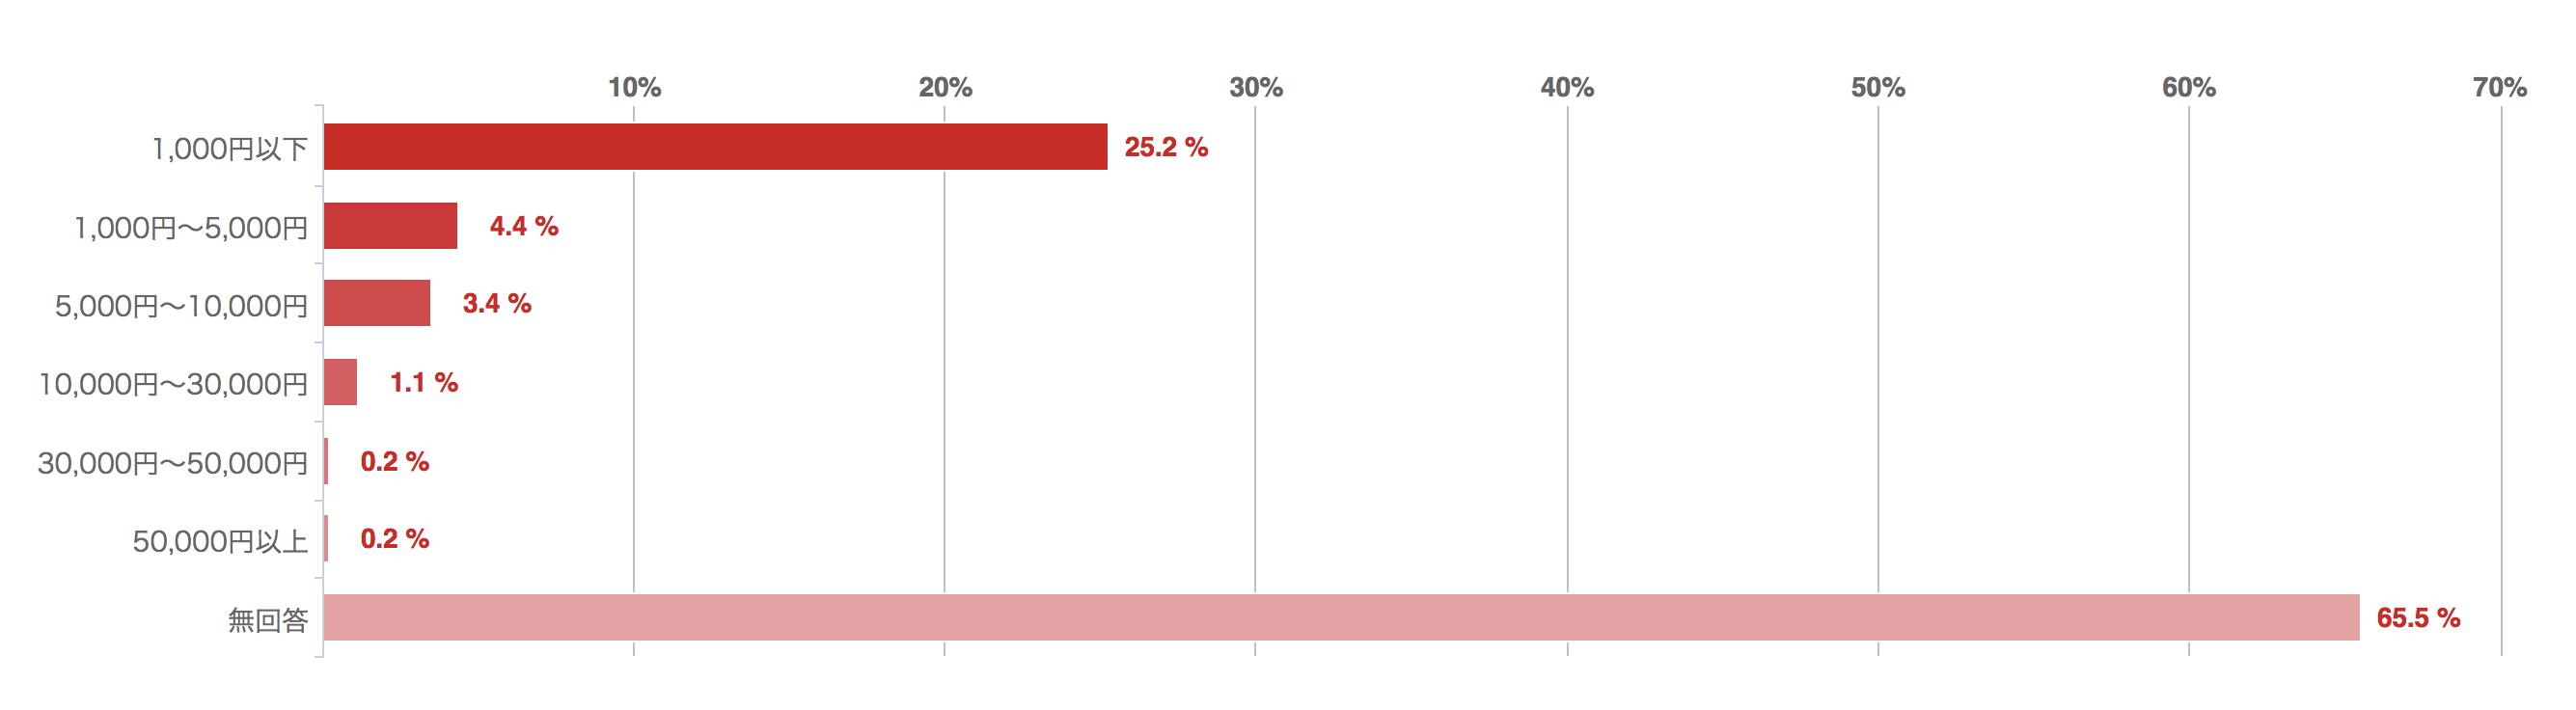 クラウドファンディング1回で支援する平均金額の棒グラフ